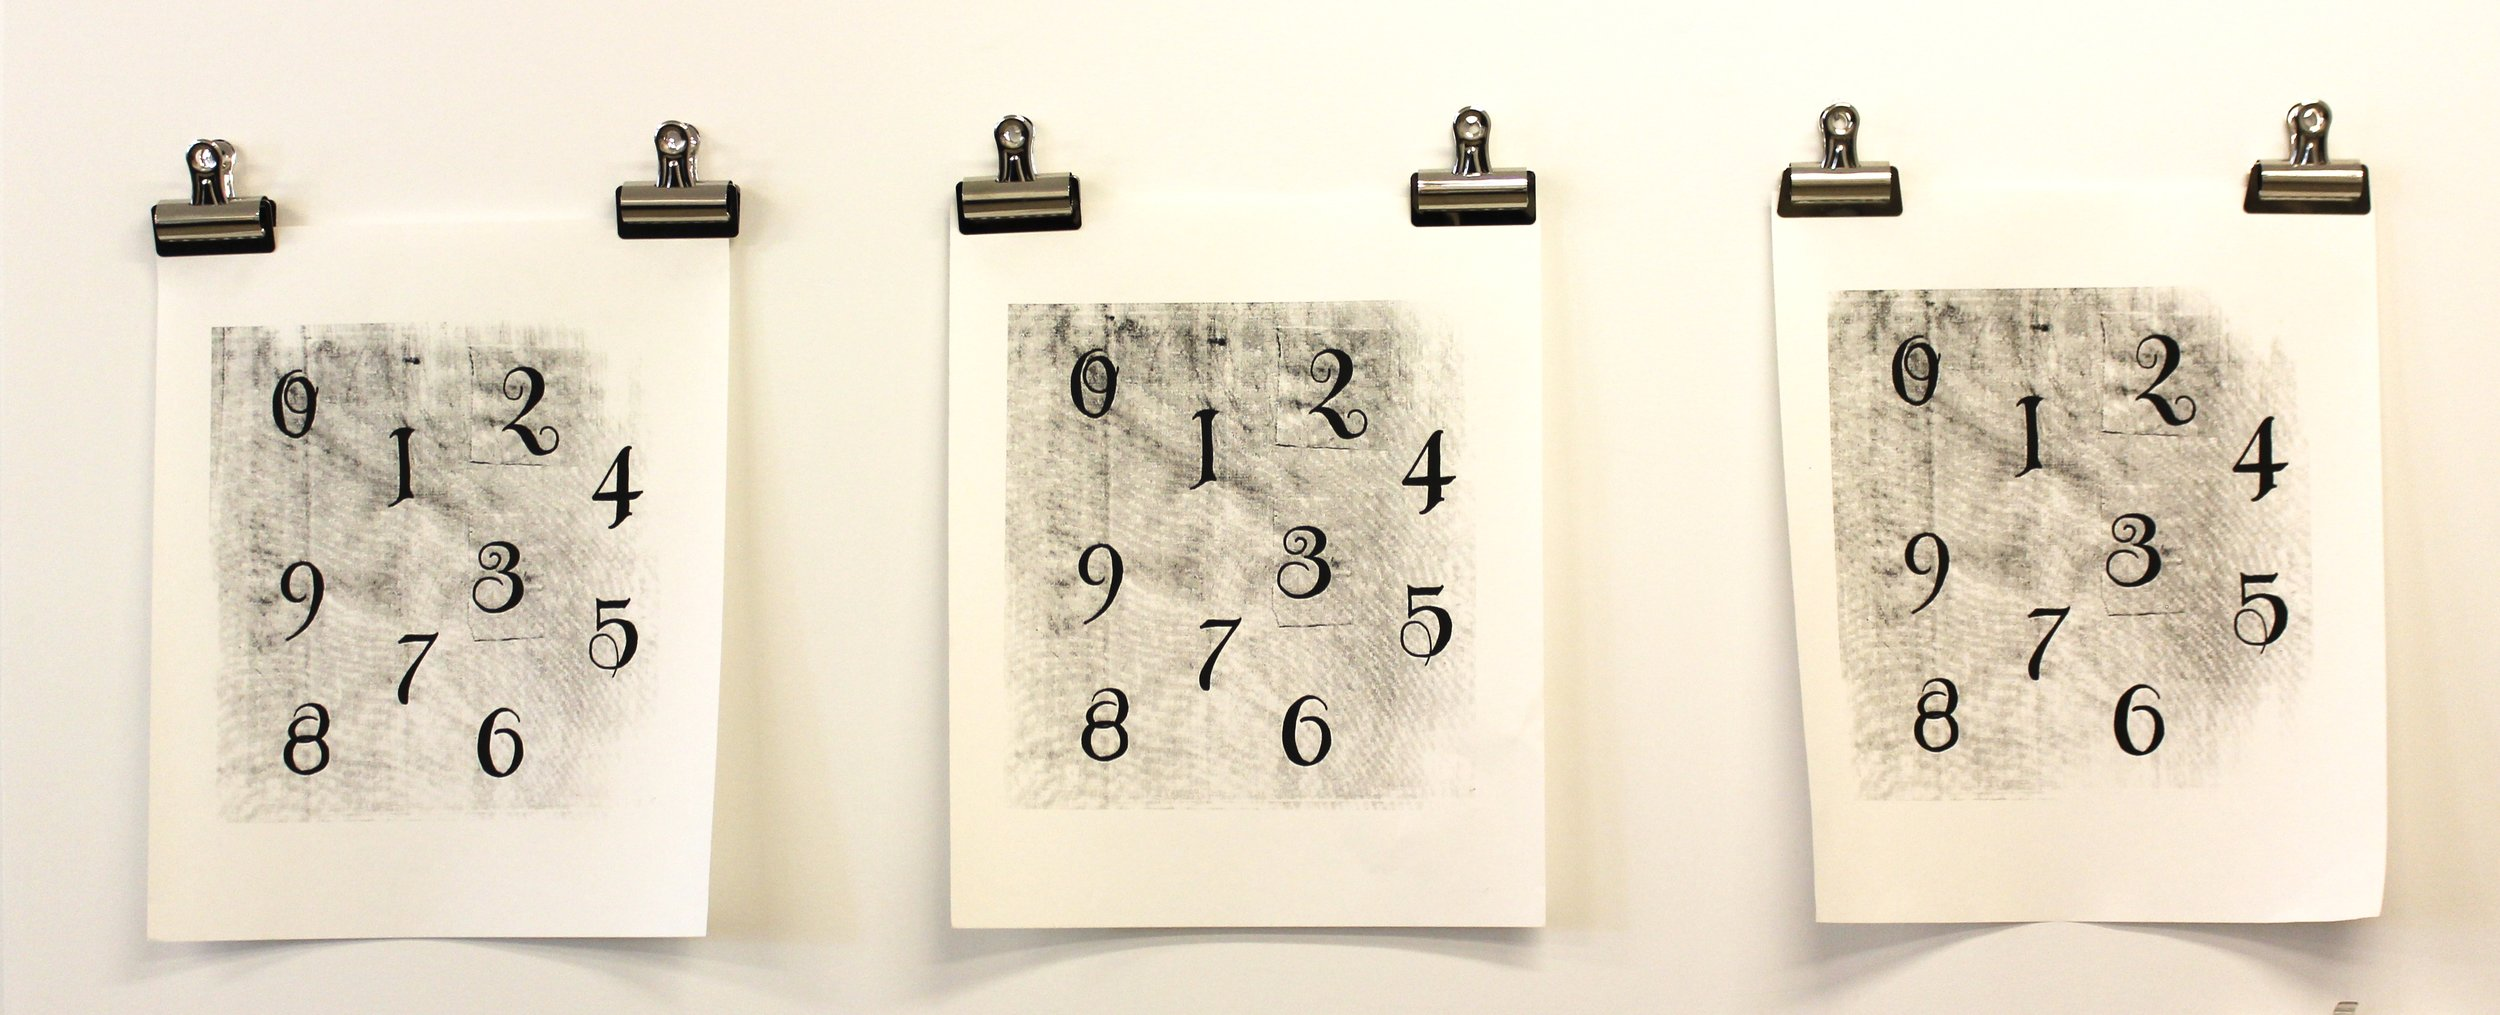 Number Line  (screen-print series)  Turn On & Tune In , Rosie Quick @ Deborah Berke Partners, August 2015